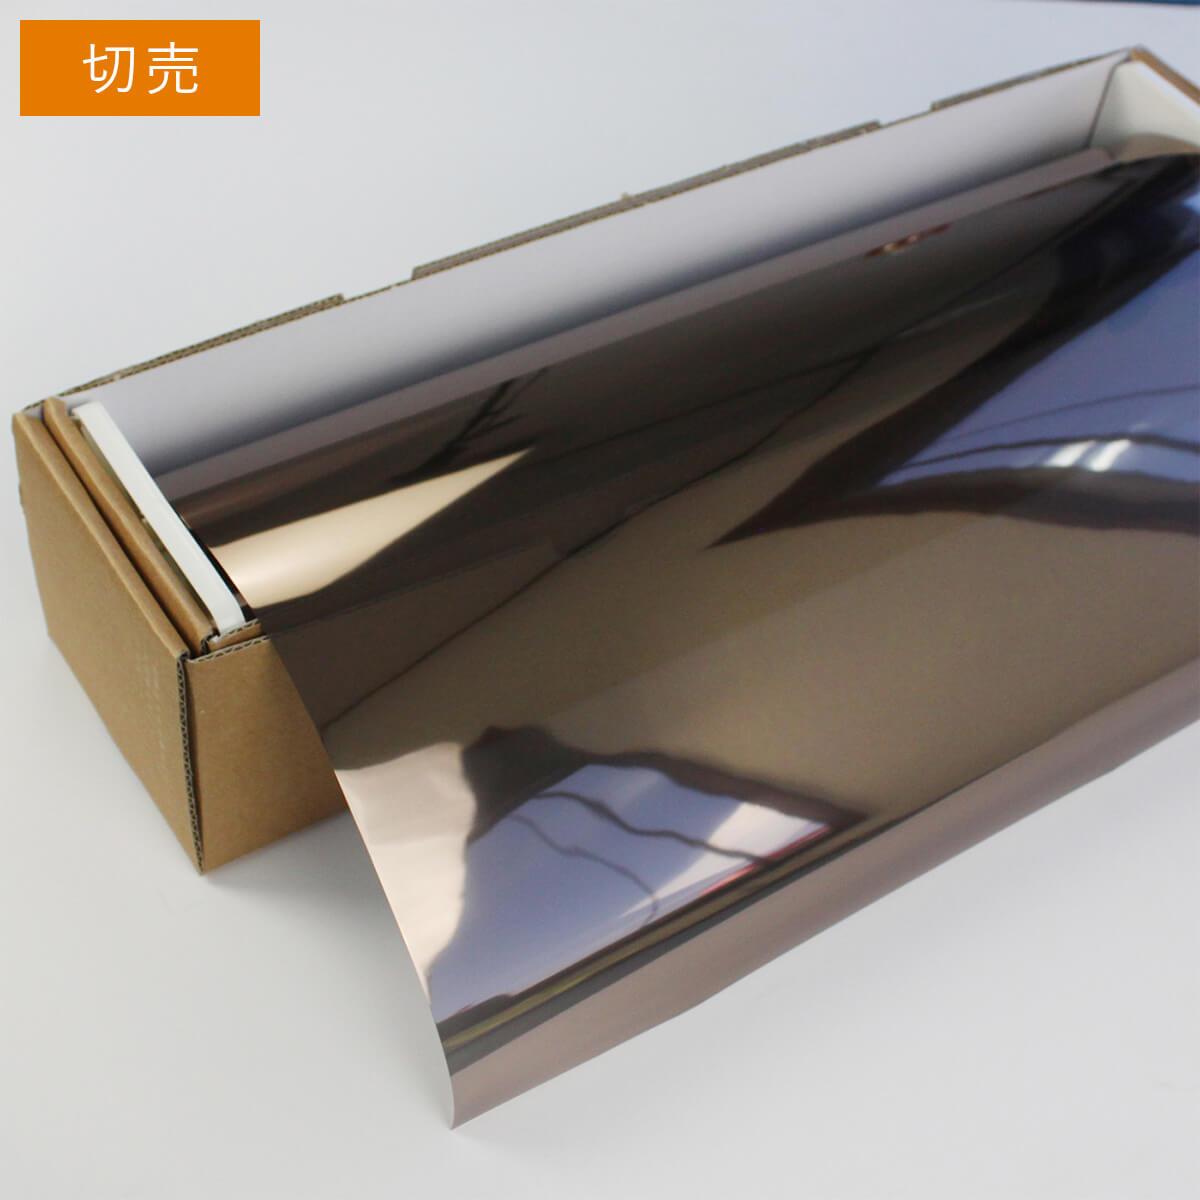 ウィンドウフィルム 窓ガラスフィルム SPブロンズメタル20(22%) 50cm幅×長さ1m単位切売 ミラーフィルム 遮熱フィルム 断熱フィルム UVカットフィルム ブレインテック Braintec